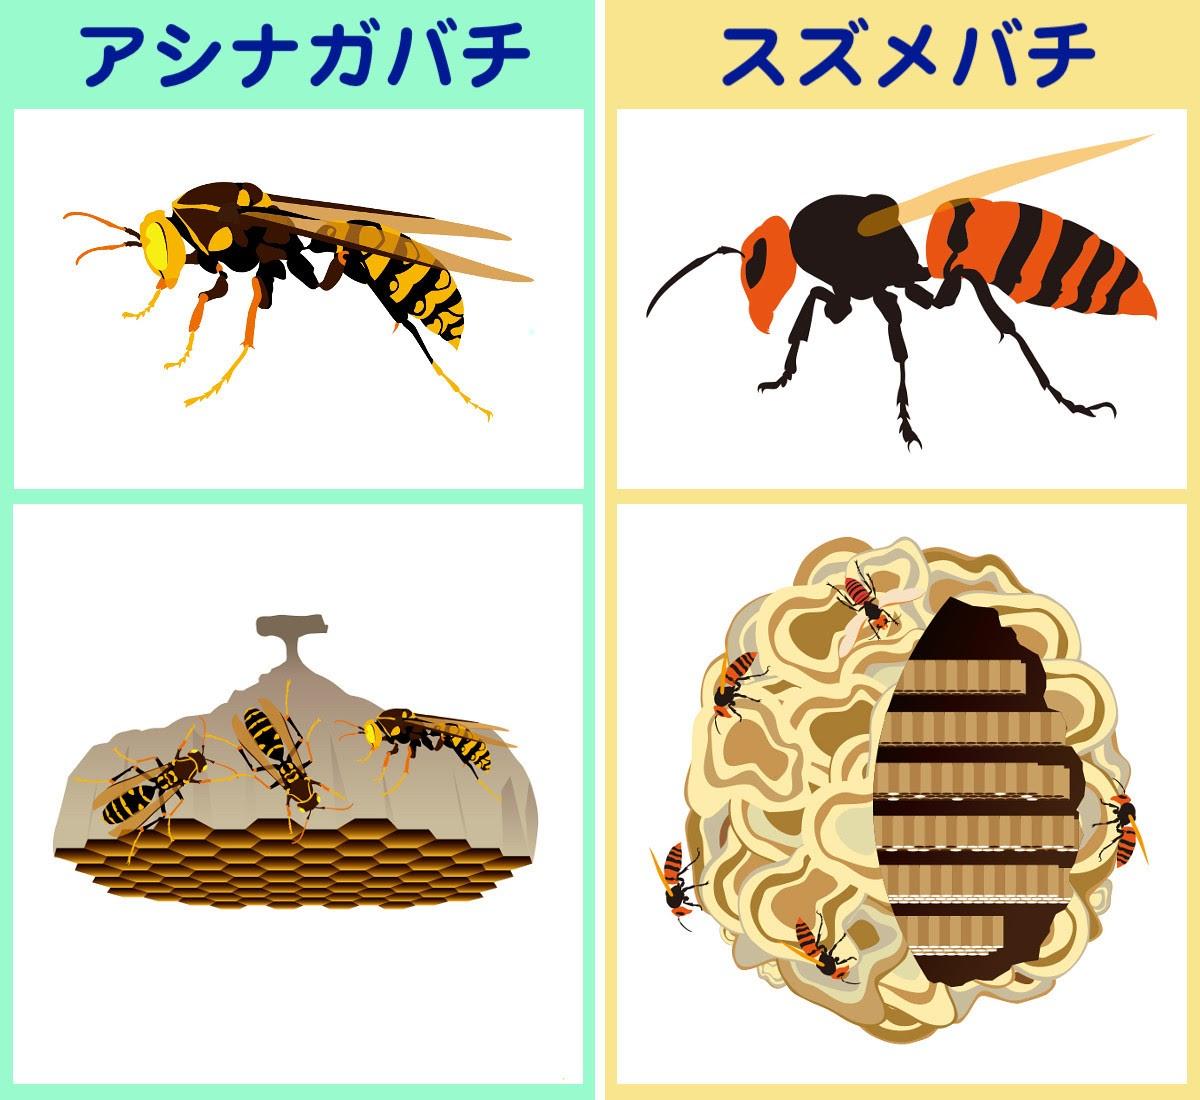 アシナガバチとスズメバチ